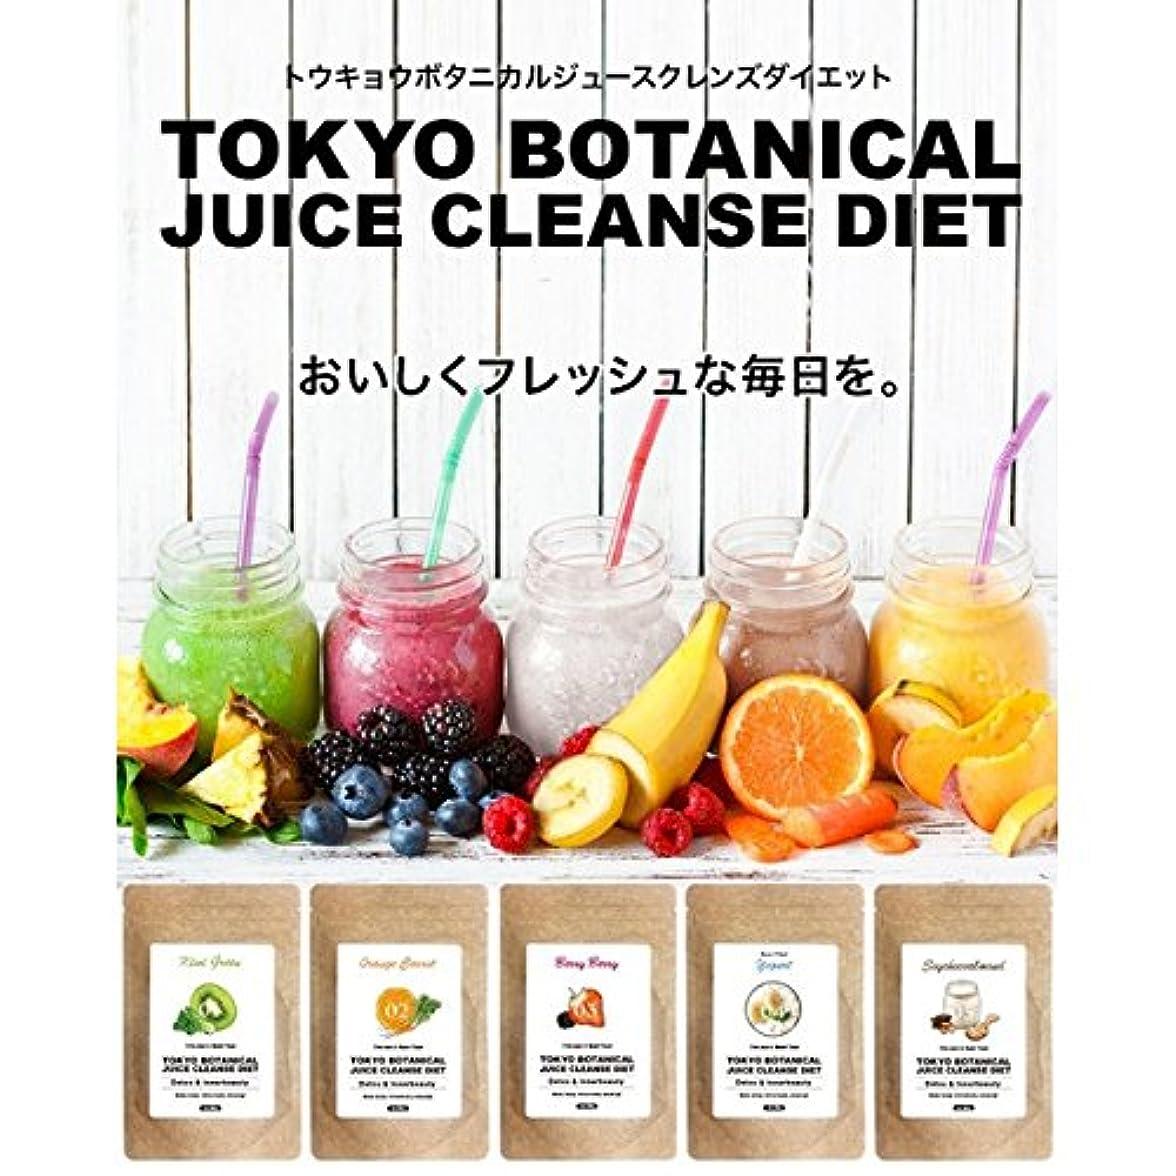 くちばし残酷なハードウェア東京ボタニカルジュースクレンズダイエット  ベリーベリー&オレンジキャロットセット